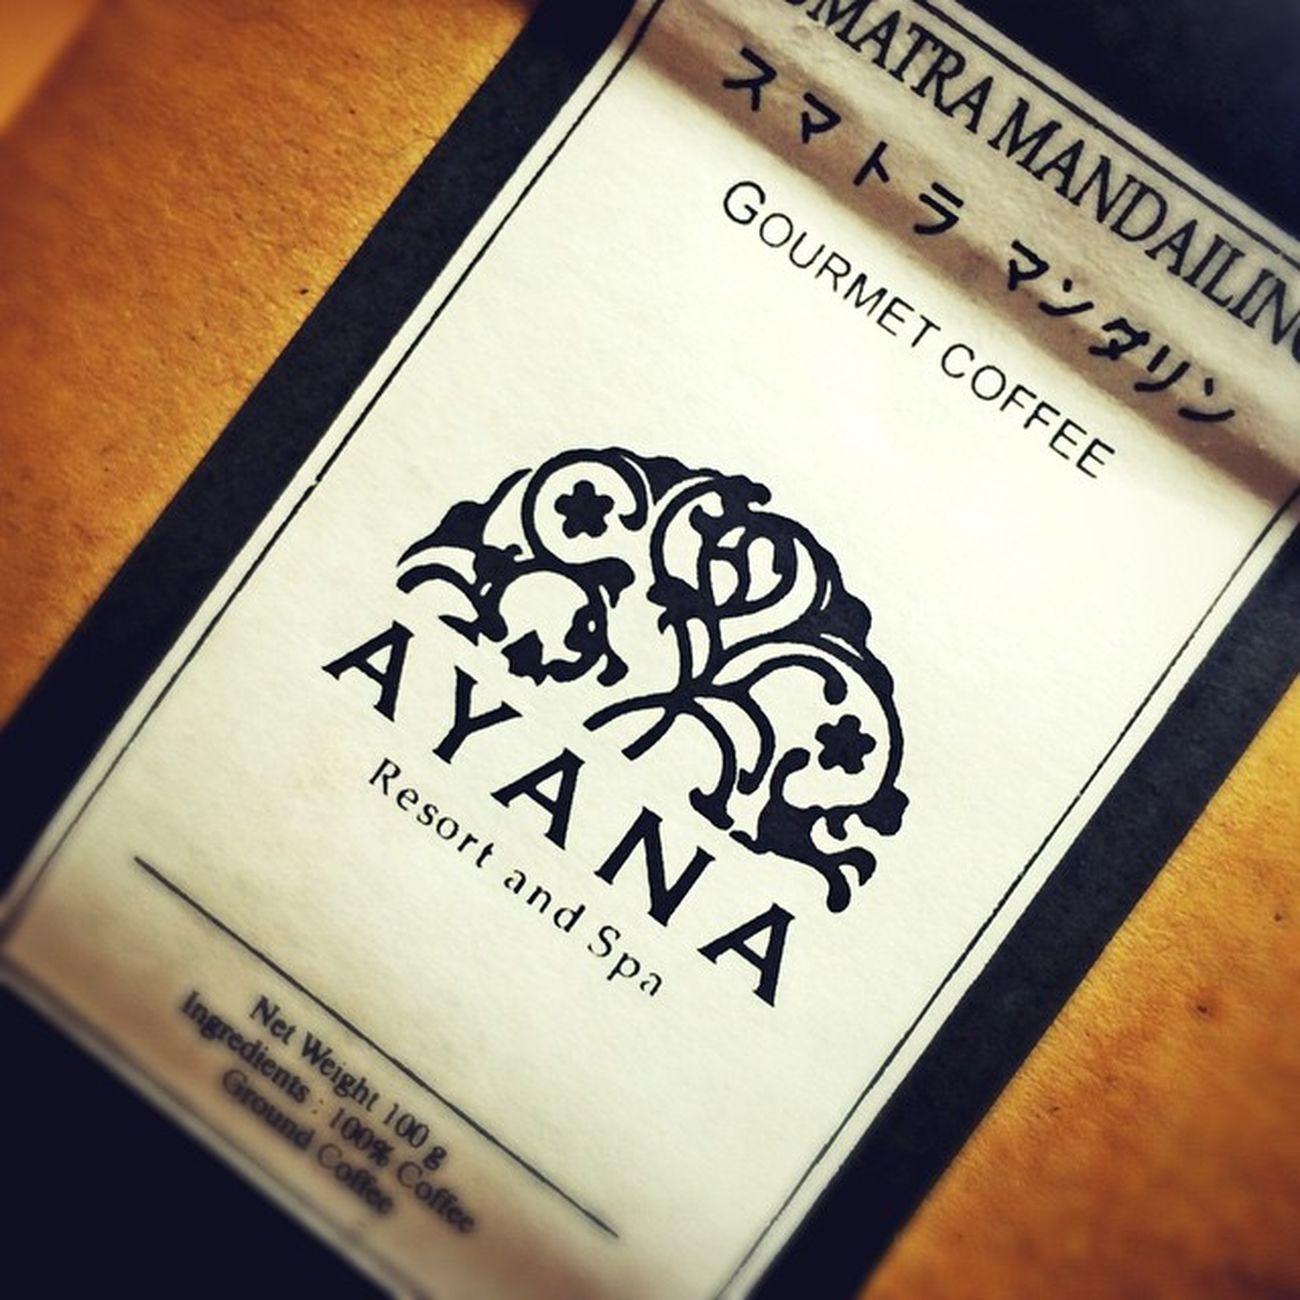 Coffee INDONESIA Bali パリ Ayana Ayanaresort インドネシア アヤナリゾート アヤナ Smatra スマトラマンダリン Mandaling バリコーヒー Balicoffee マンダリン スマトラ アヤナリゾートバリ Ayanaresortbali